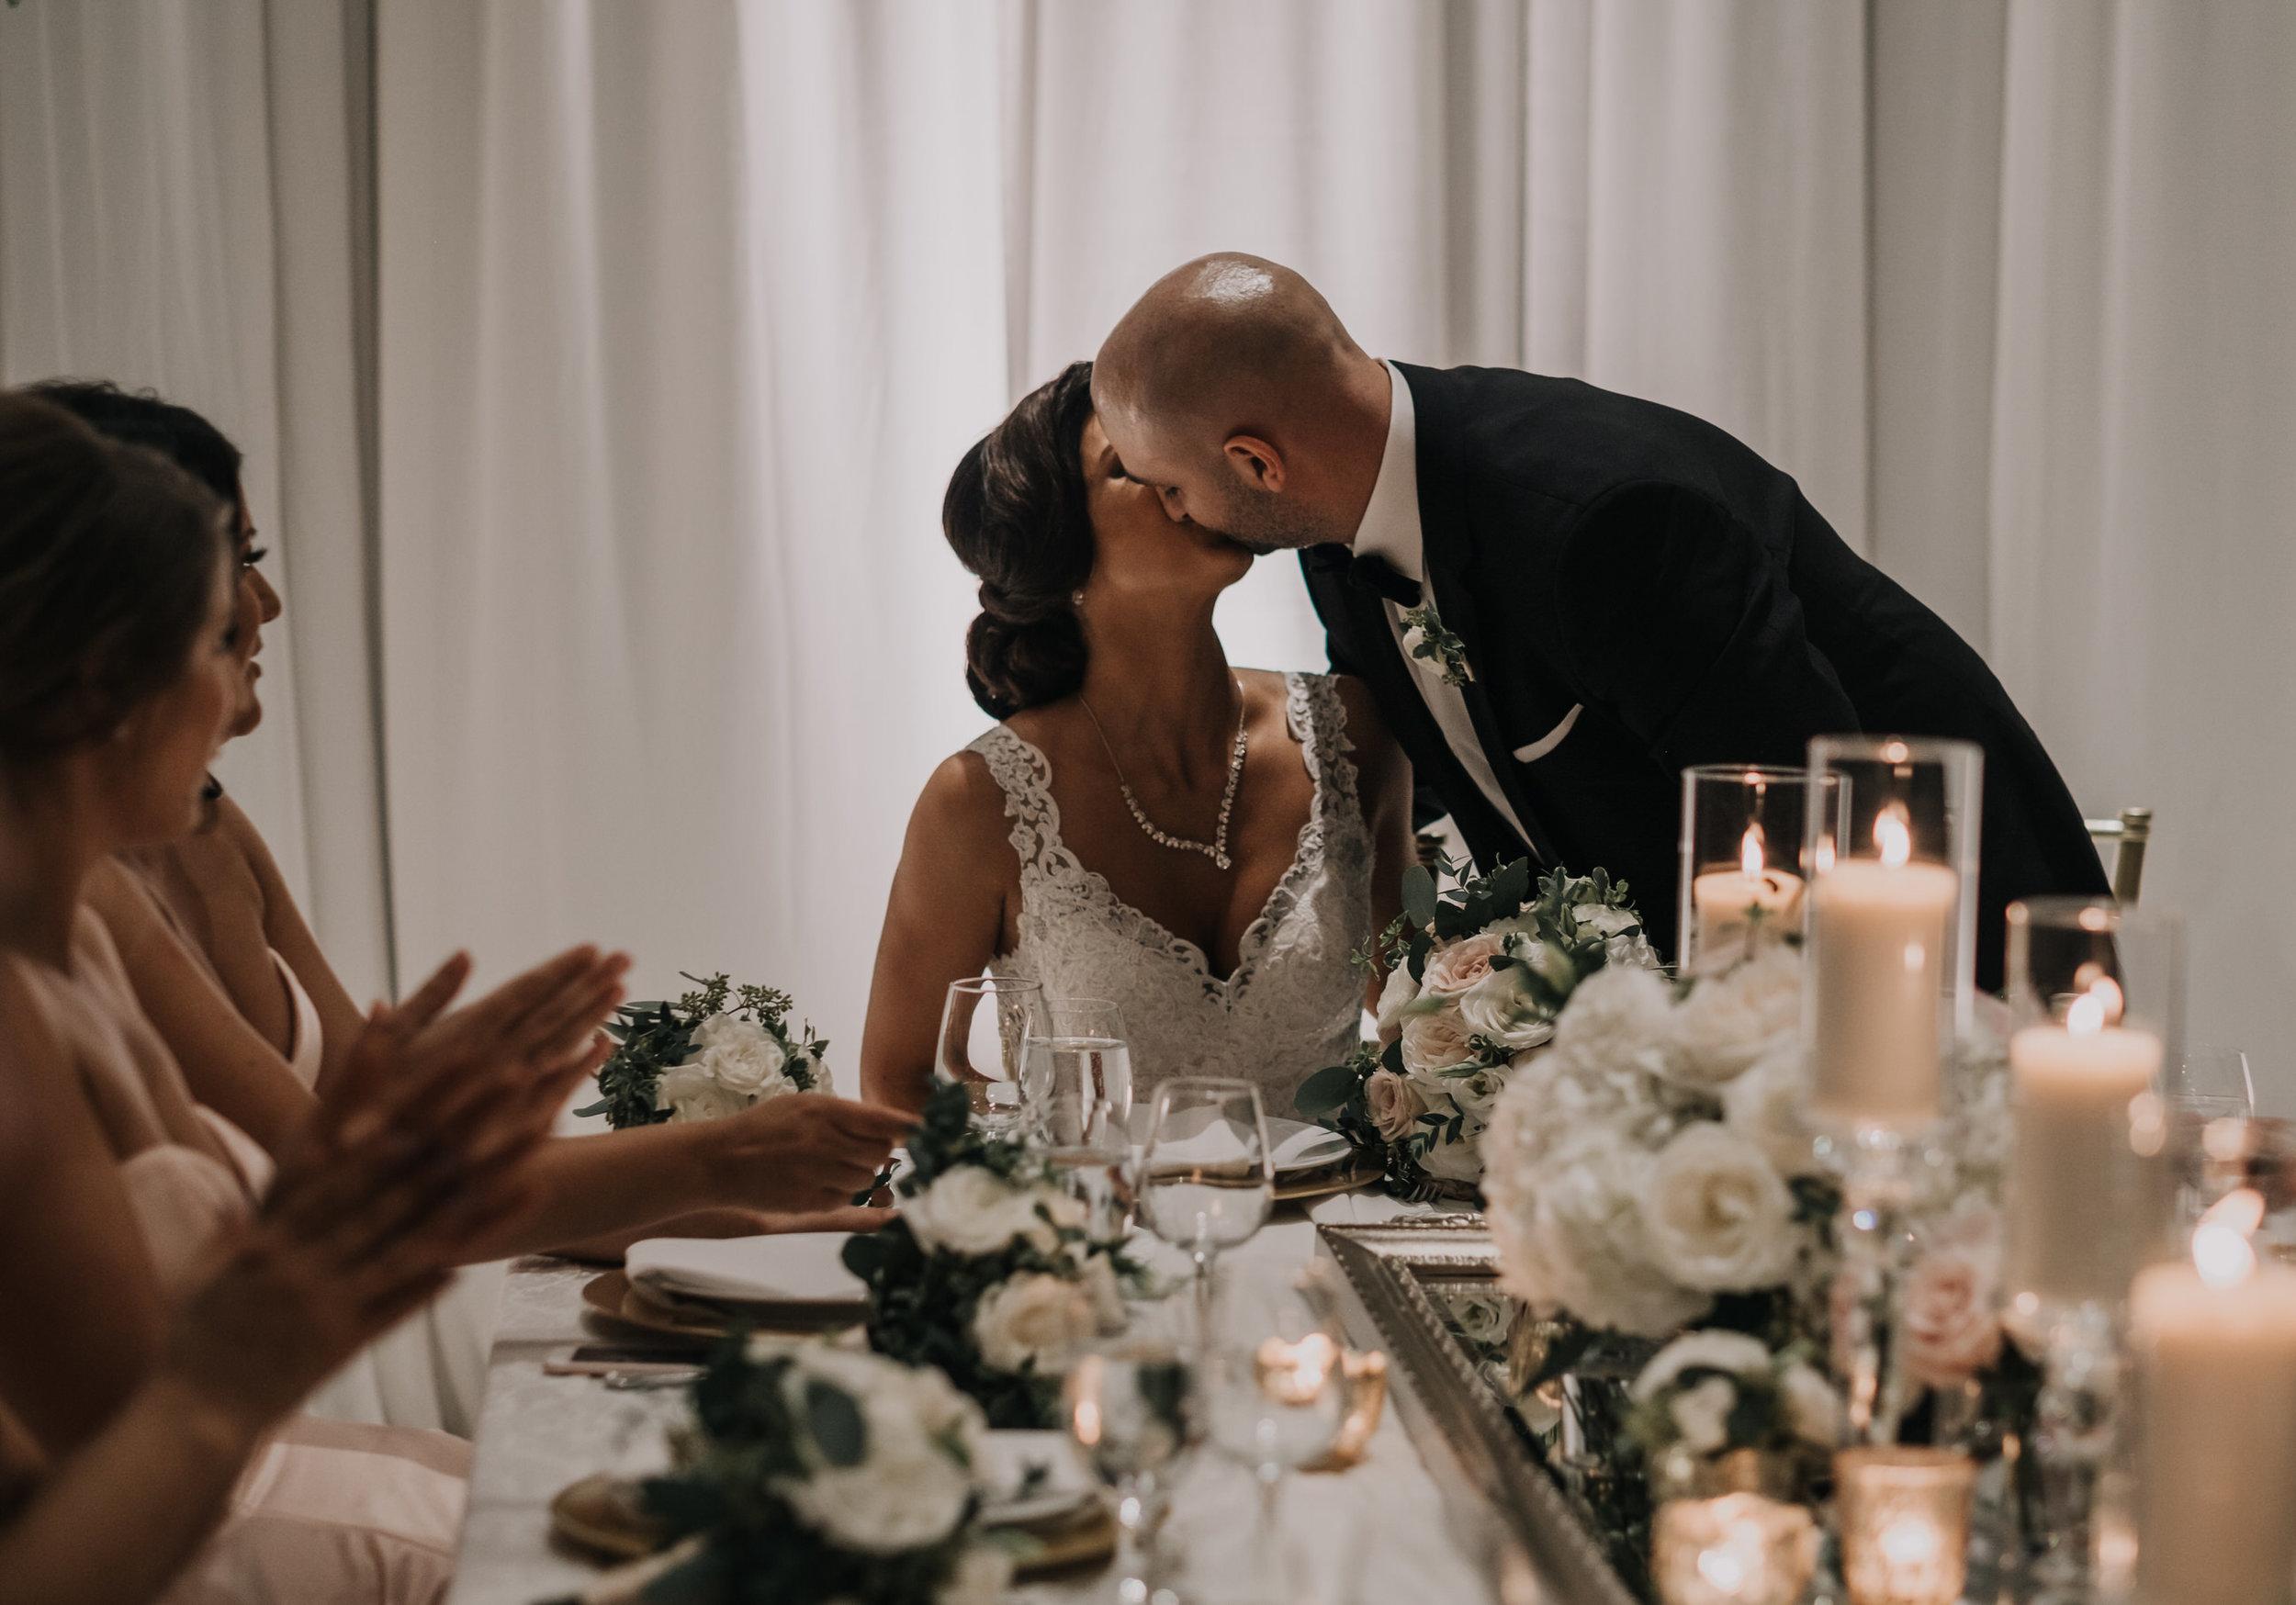 Pitt Meadows Wedding Photographer - Sky Hangar Wedding Photos - Vancouver Wedding Photographer & Videographer - Sunshine Coast Wedding Photos - Sunshine Coast Wedding Photographer - Jennifer Picard Photography - DSCF5532.jpg